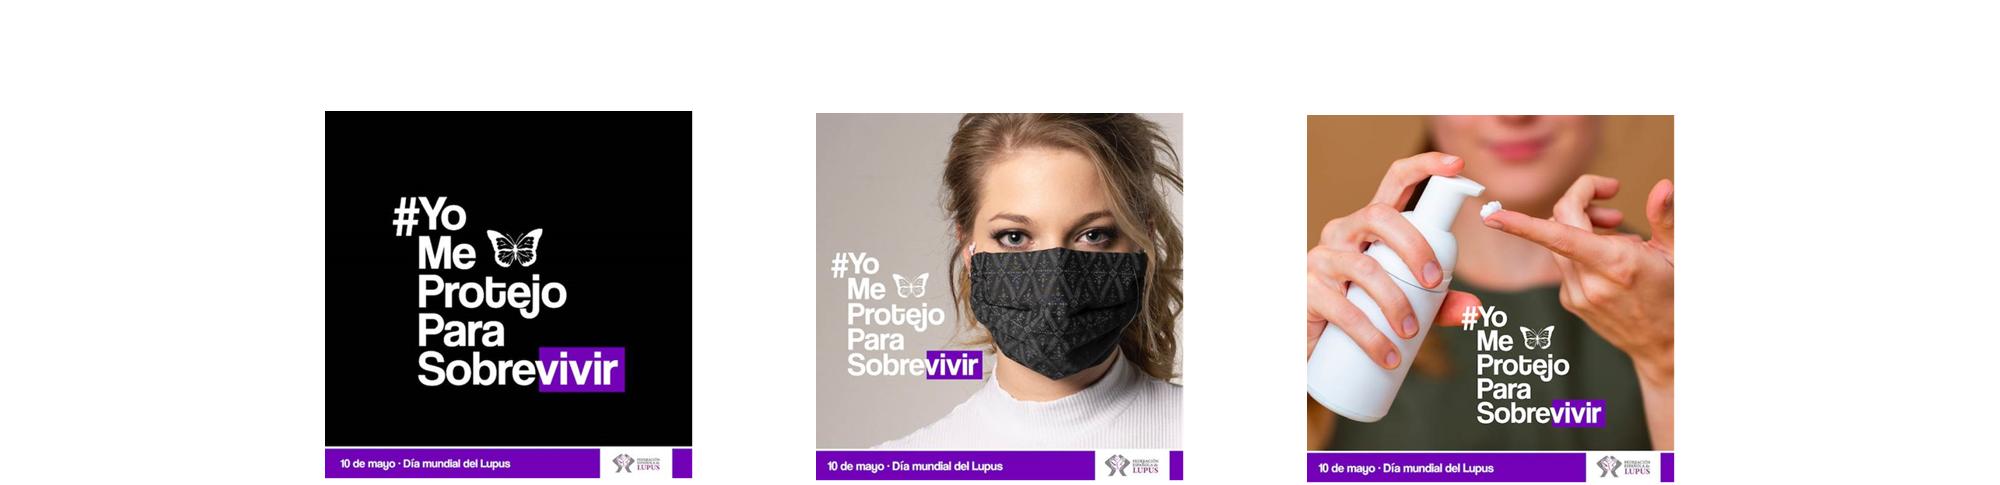 10 de mayo – Día mundial del Lupus